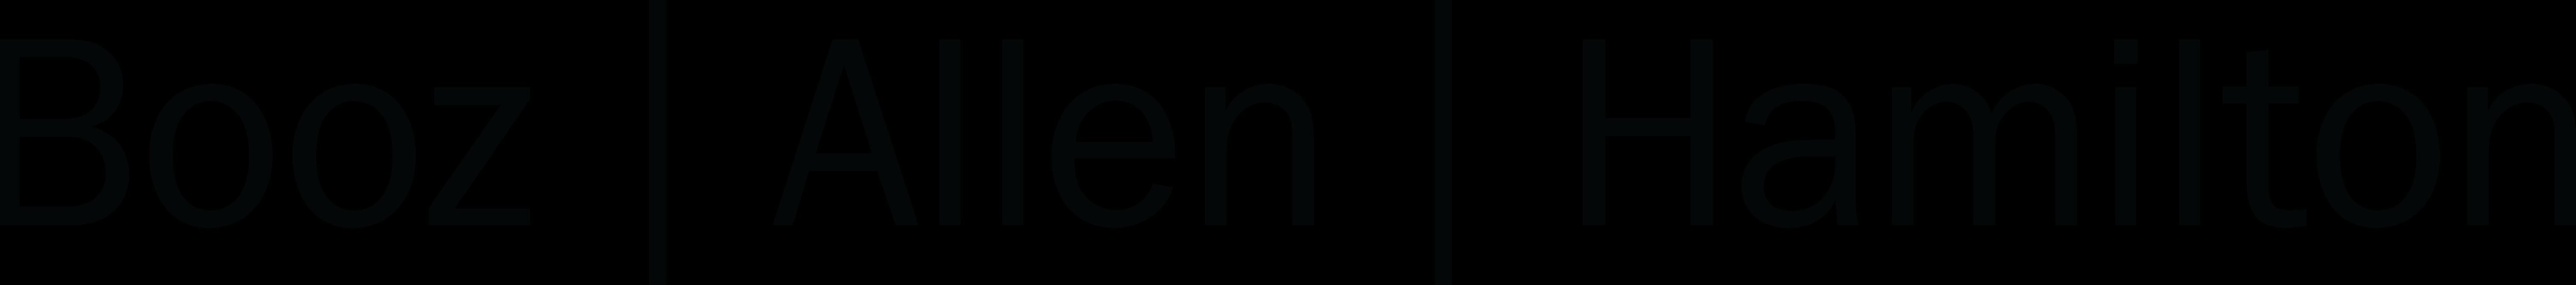 Booz_Allen_logo